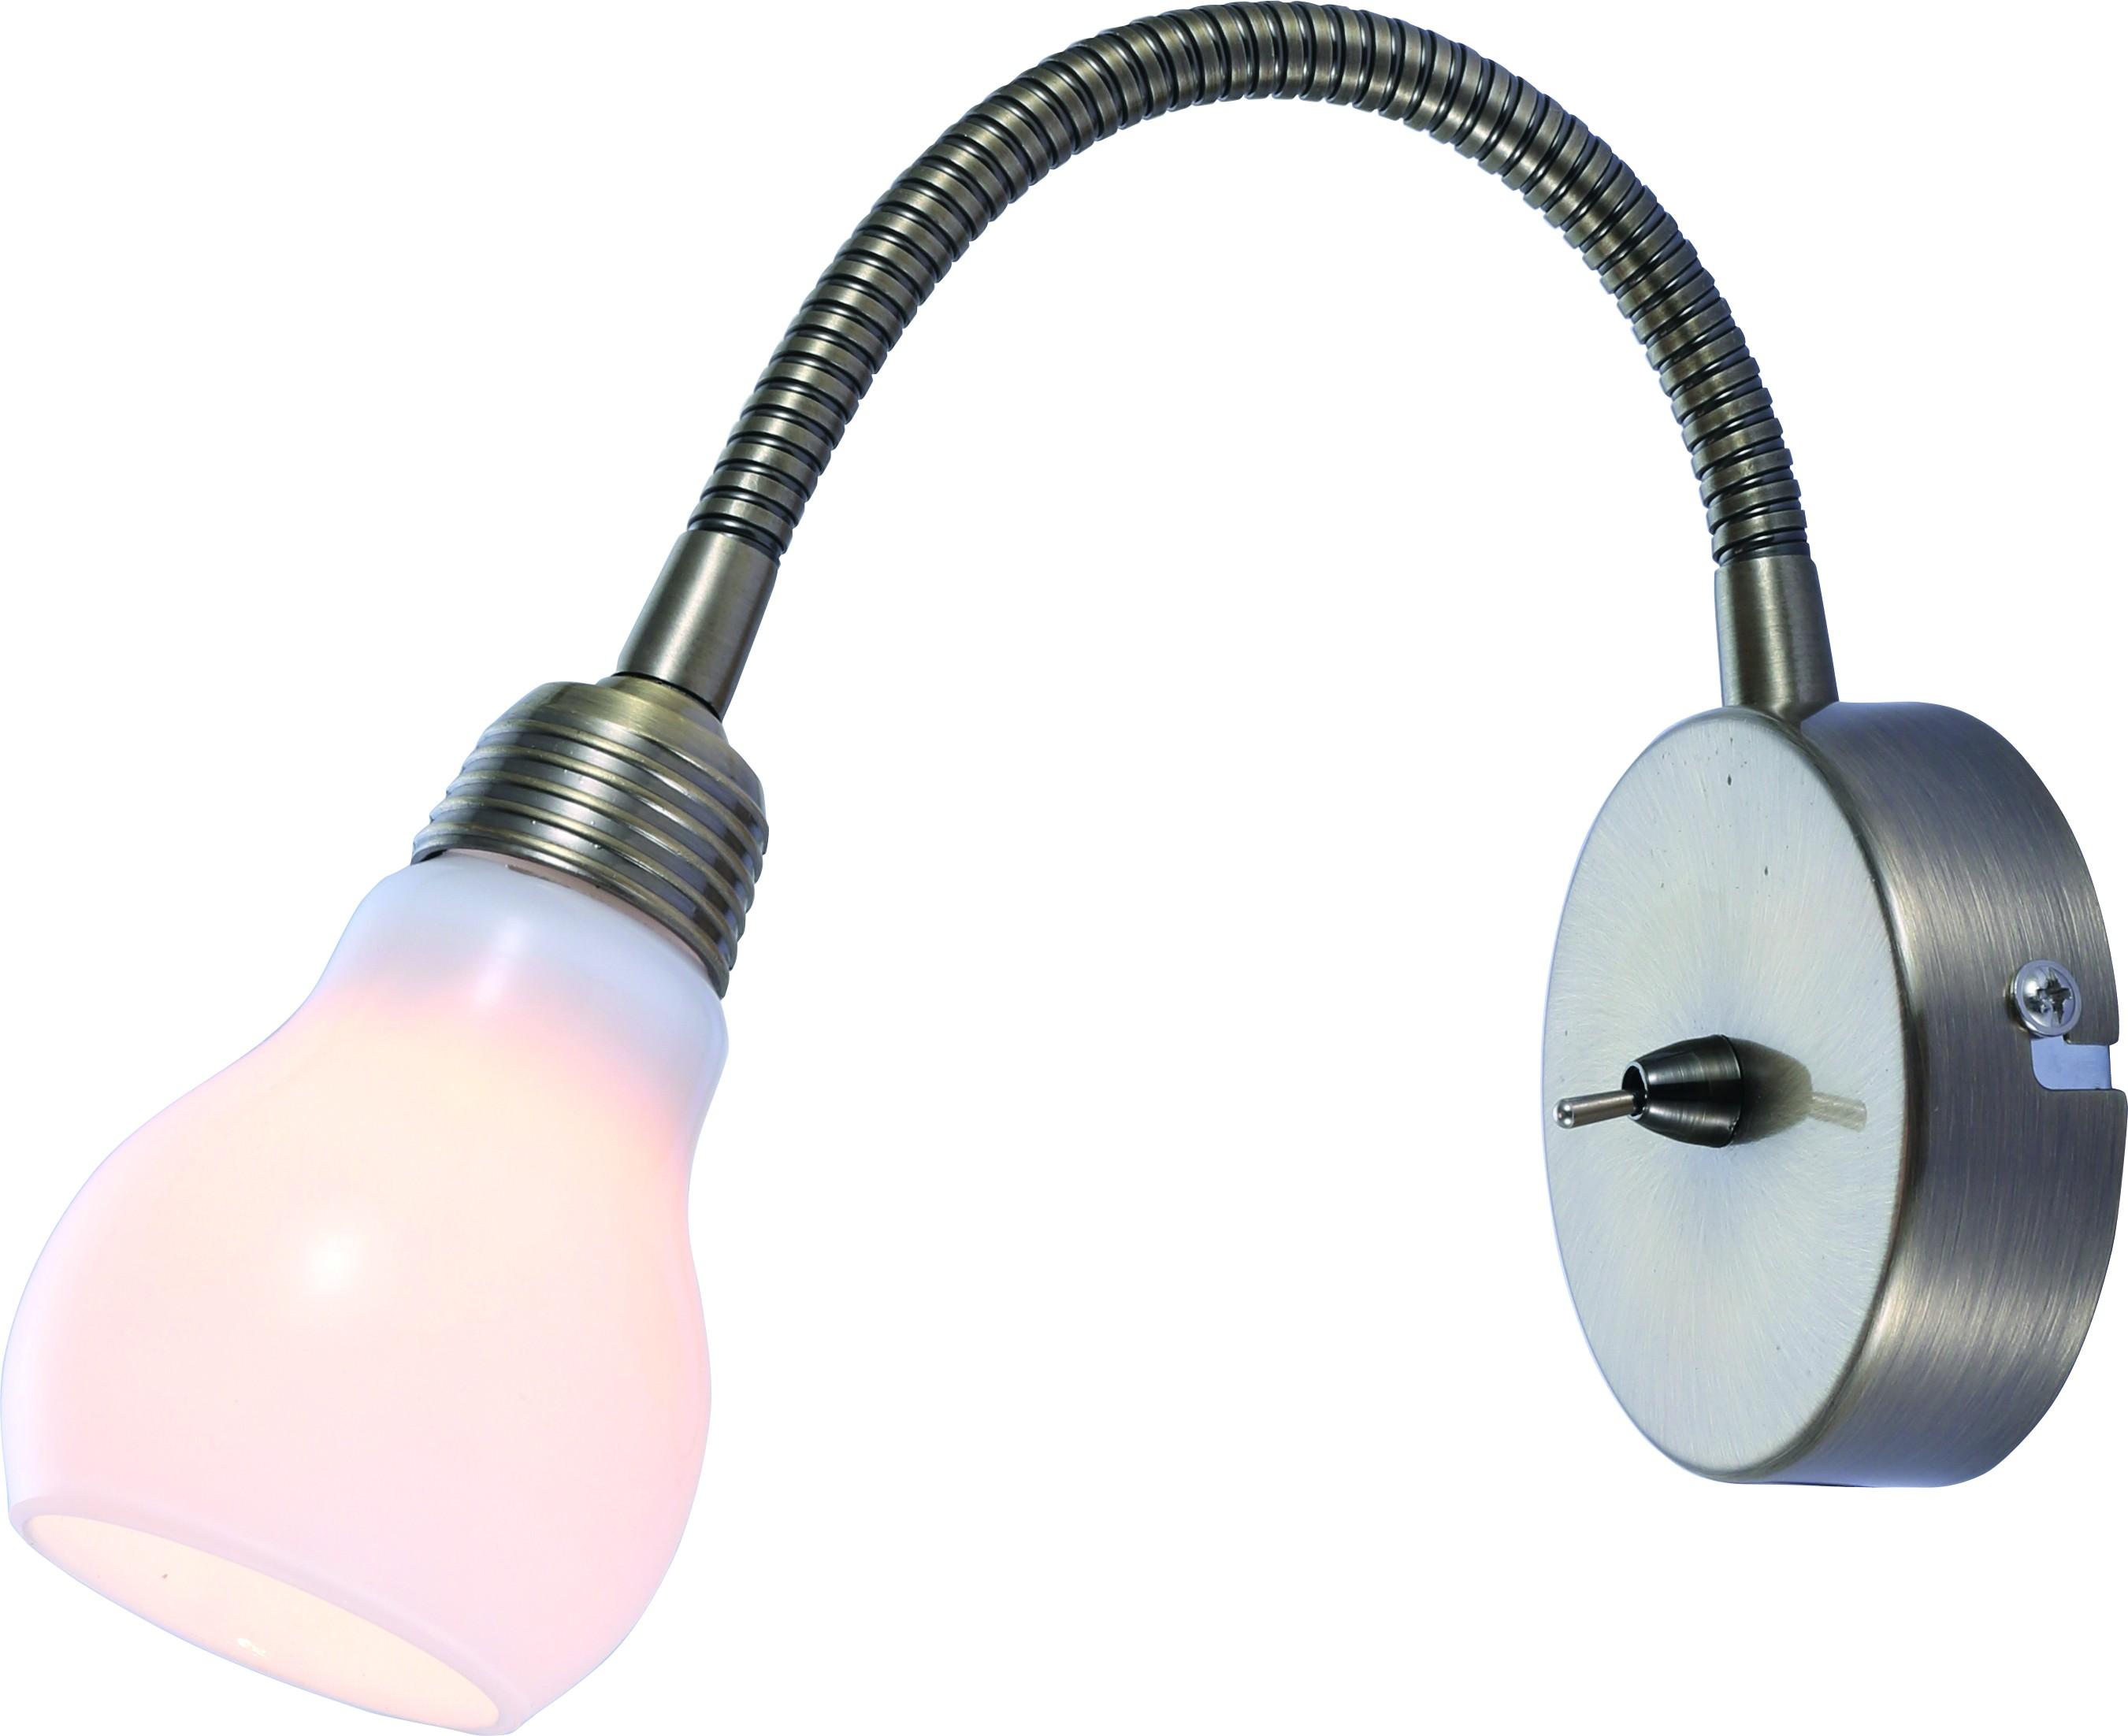 Купить Бра Arte lamp A5271ap-1ab